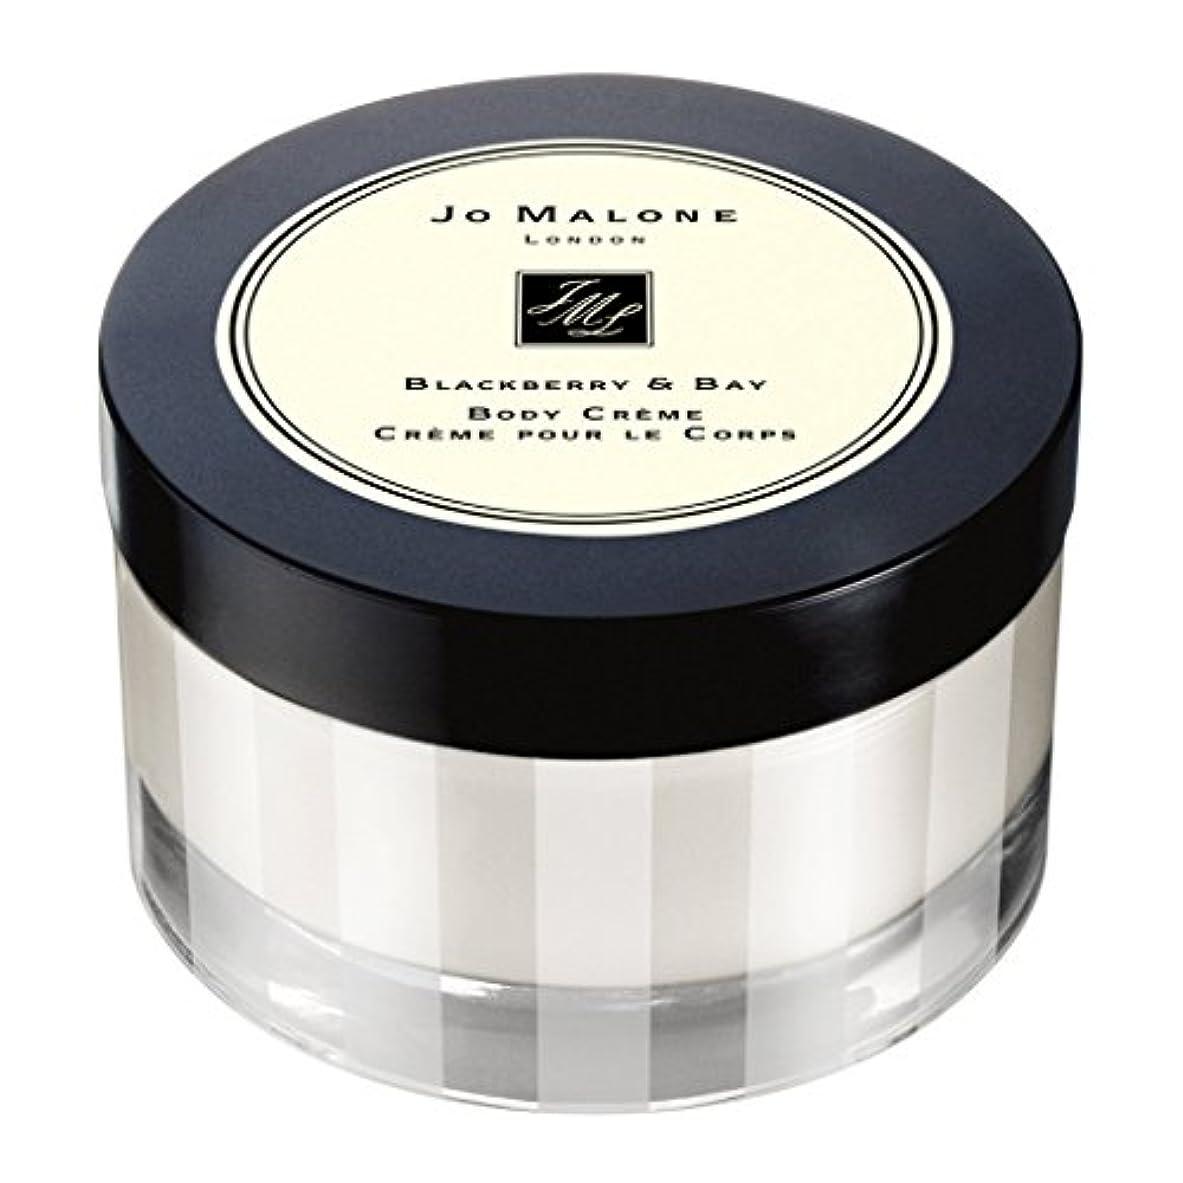 品種現代の必要ないJO MALONE ジョー マローン ブラックベリー & ベイ ボディクリーム 175ml [並行輸入品]